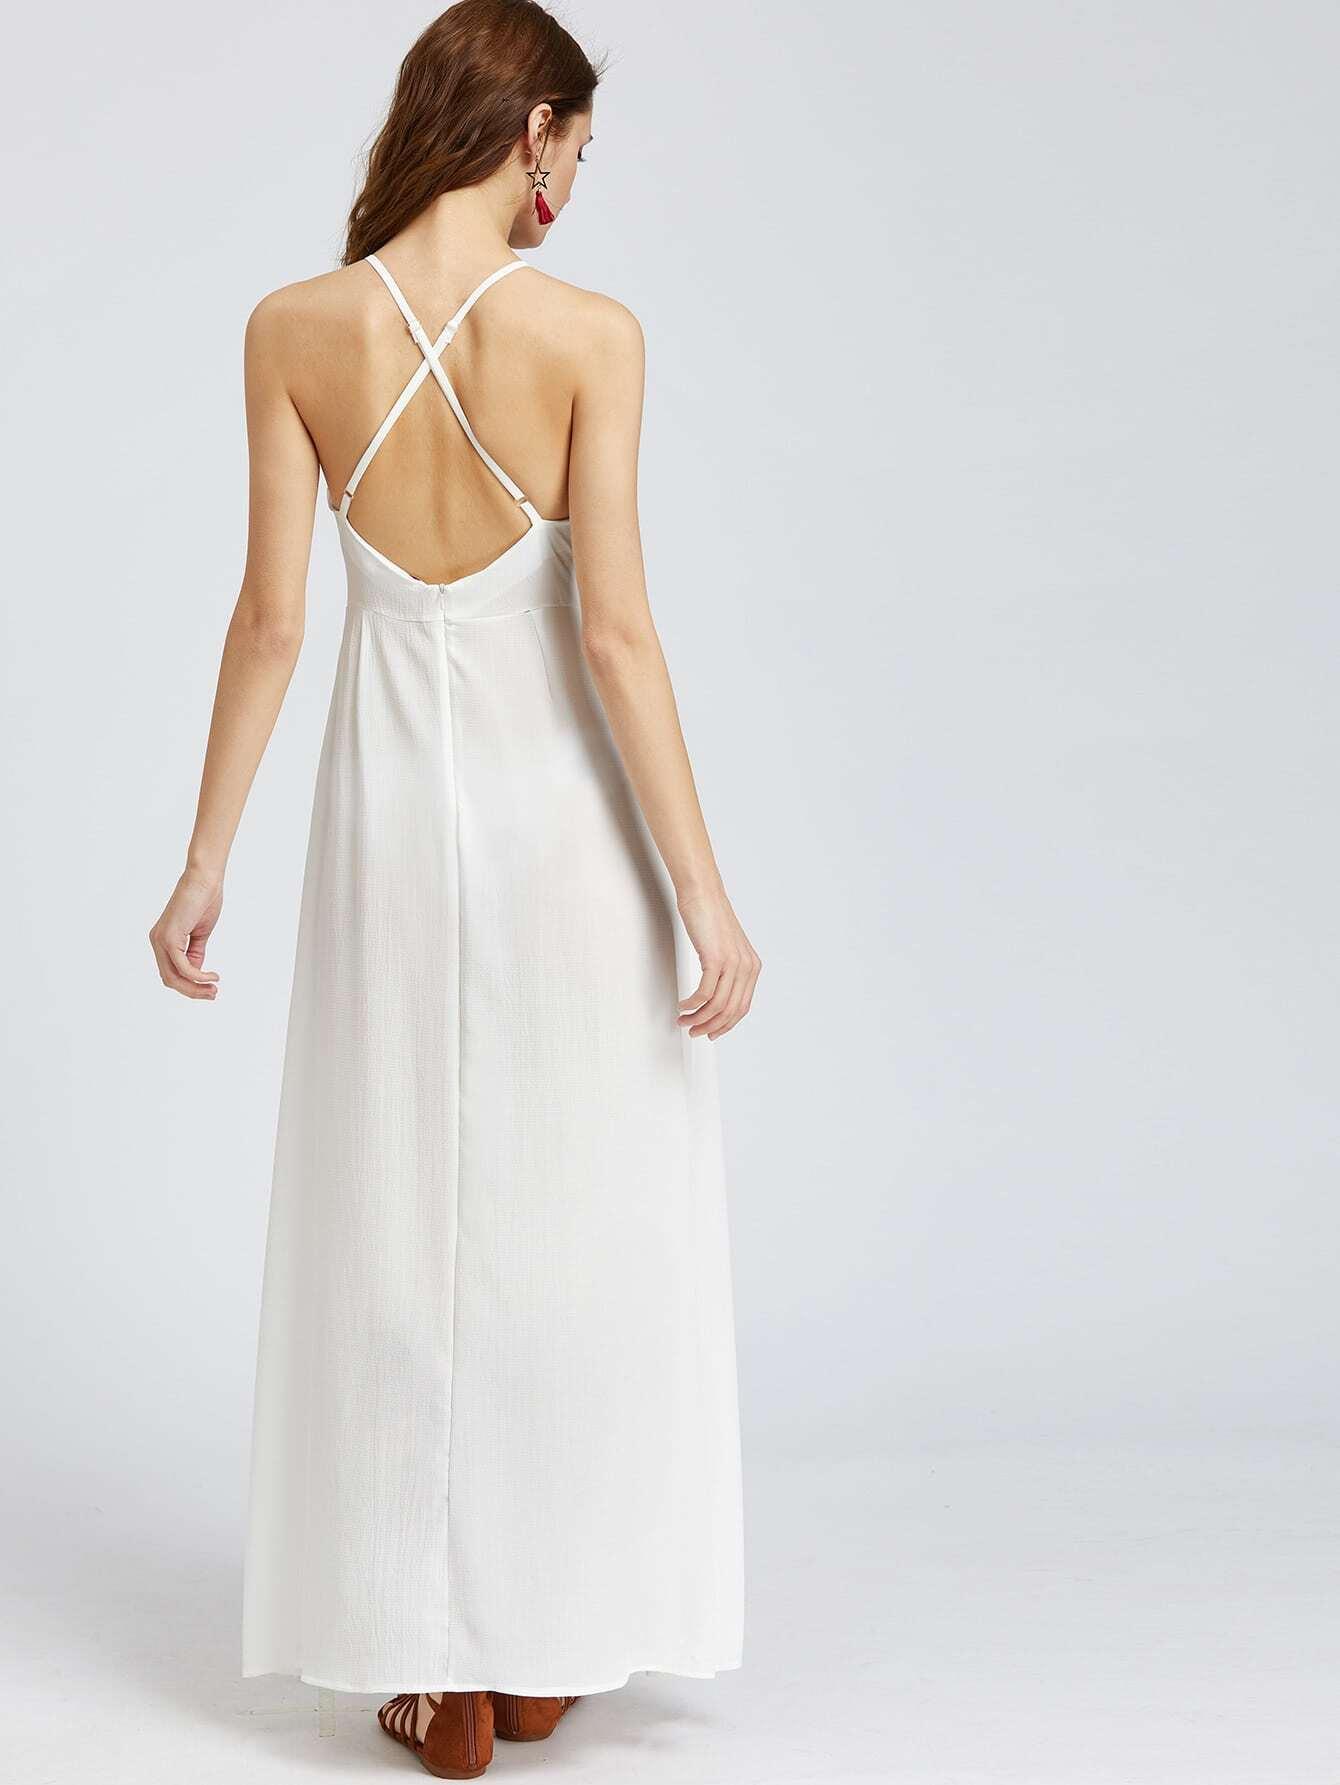 dress170310103_2